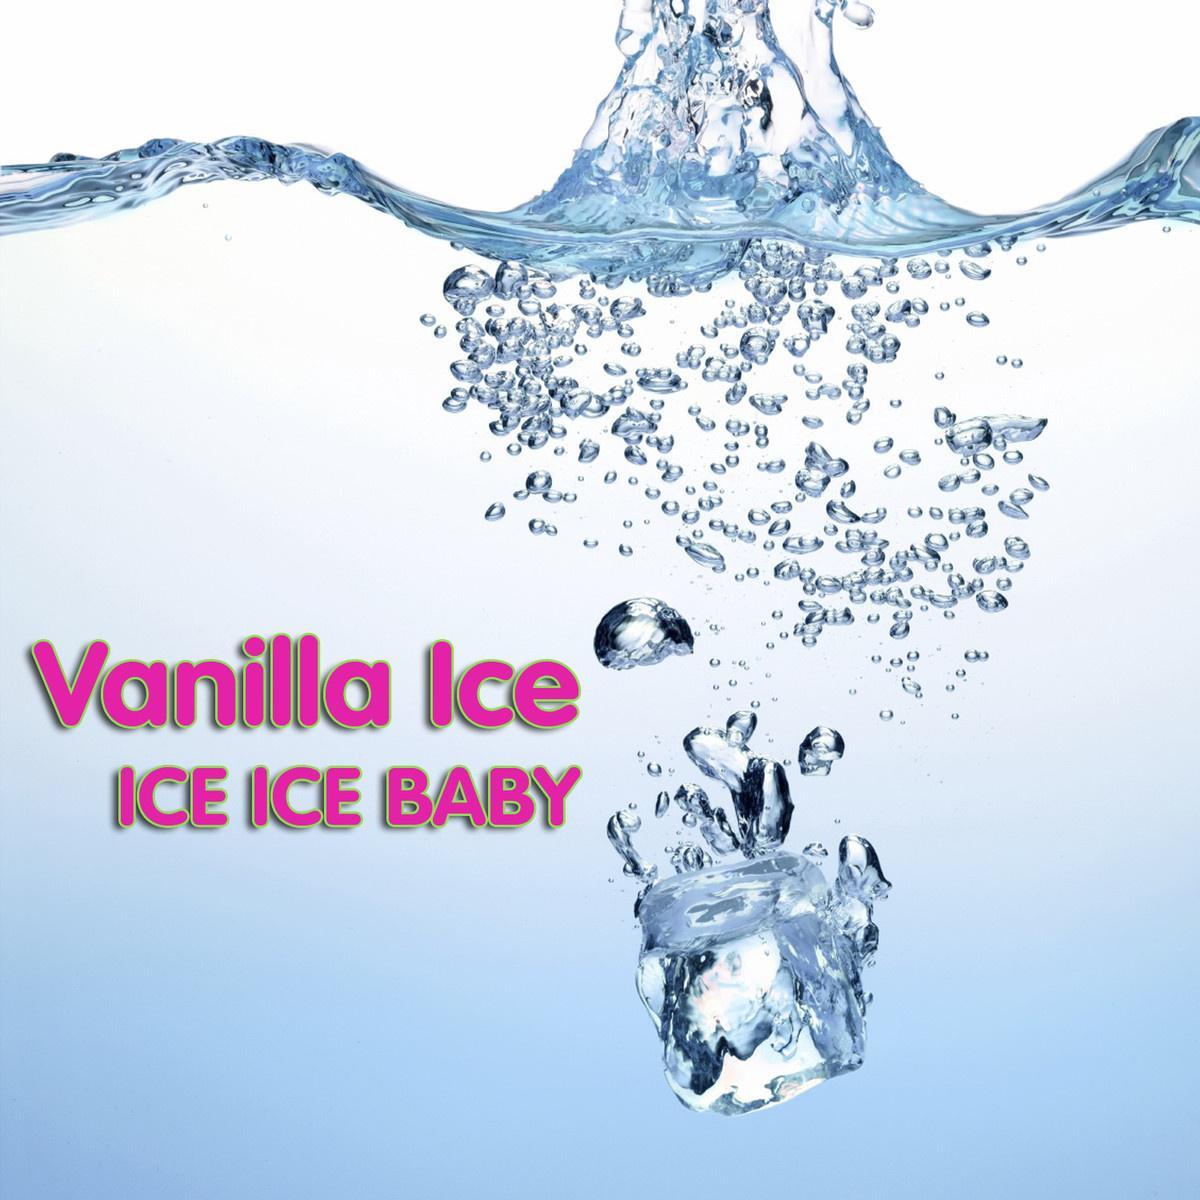 Клипы на песню vanilla ice - ice ice baby 2001